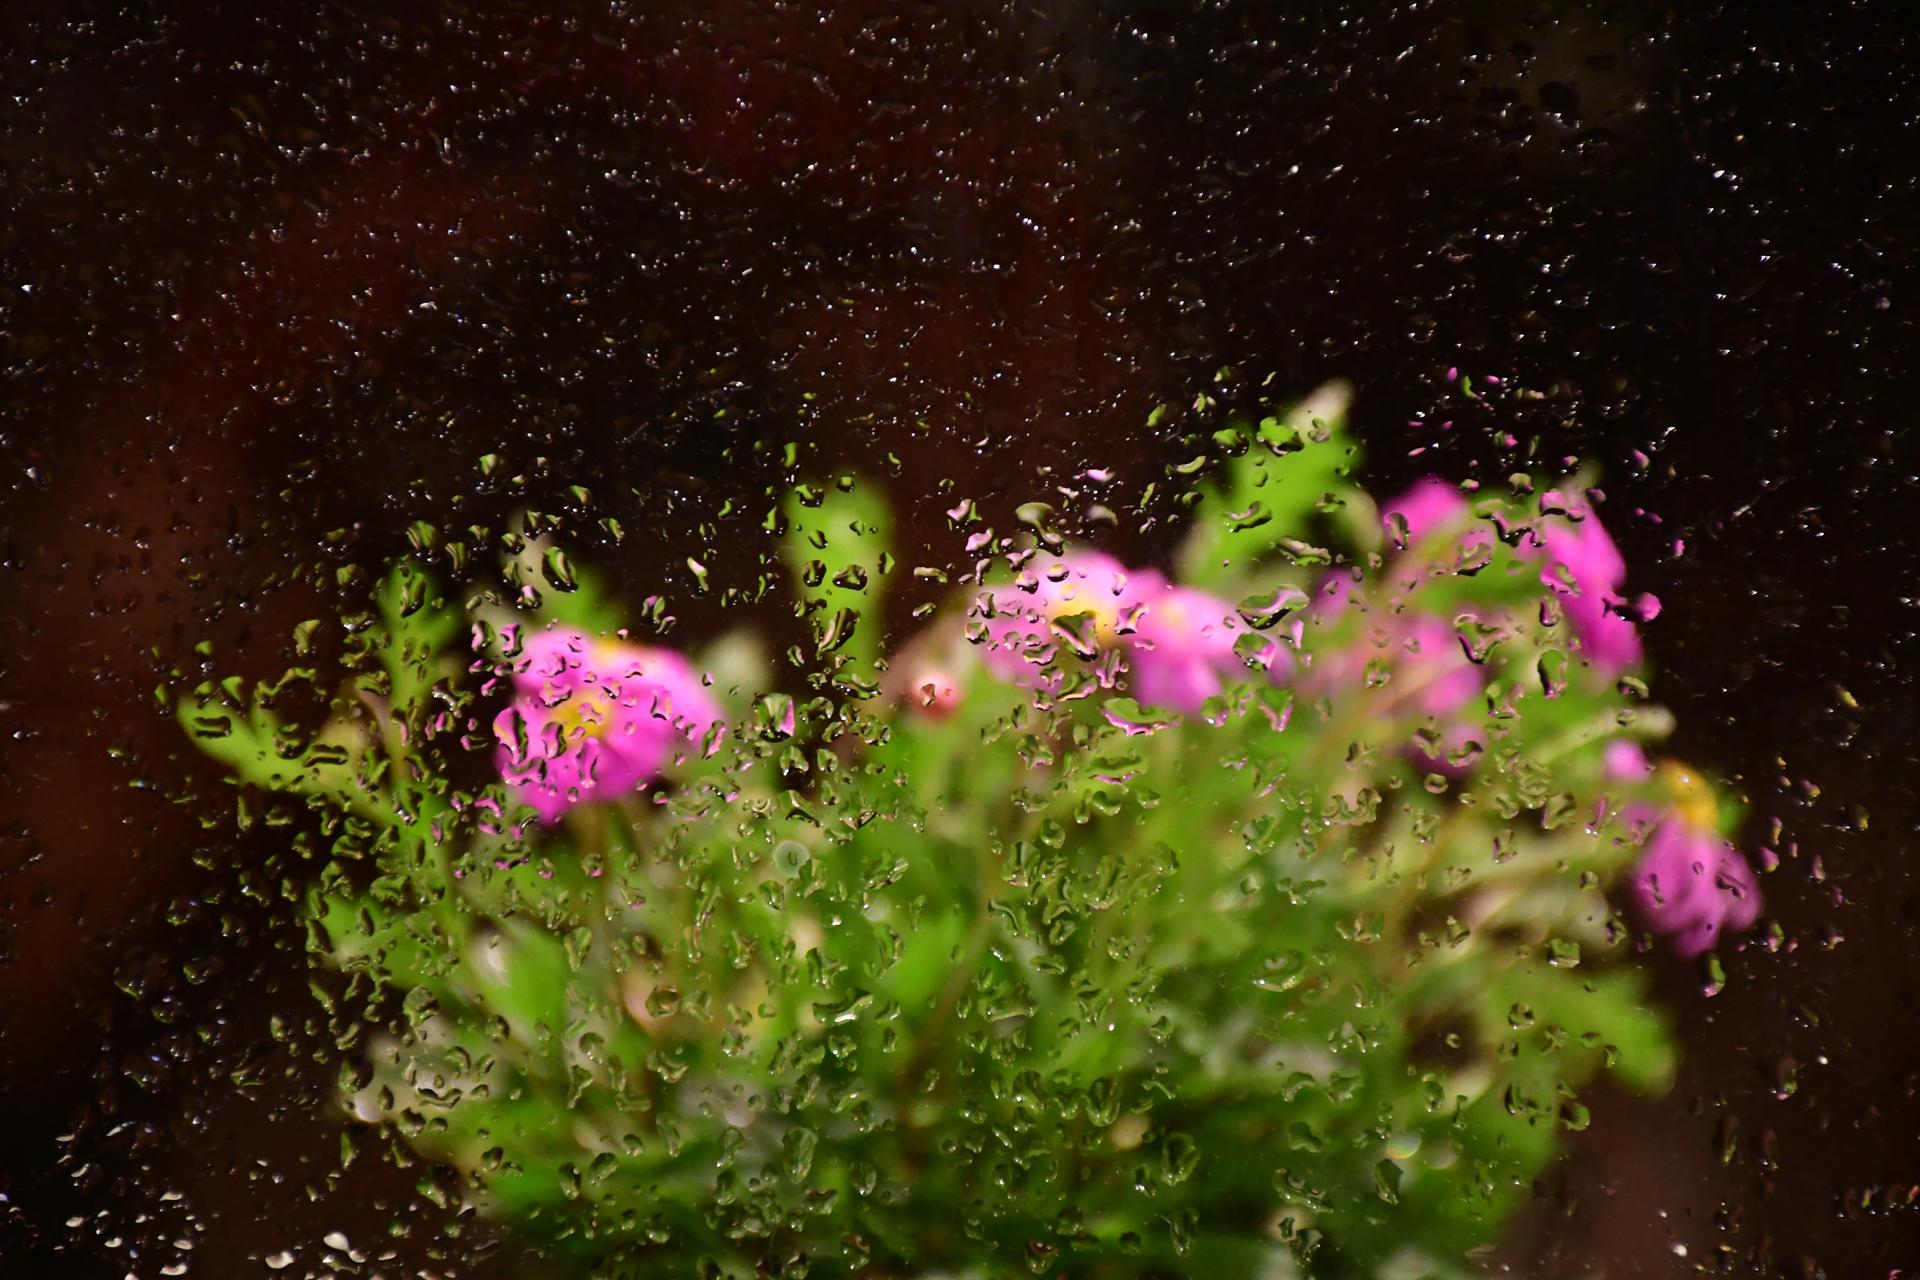 בין הטיפות - גשם - לפיד - יואל שתרוג - אדמה יוצרת - yoel sitruk